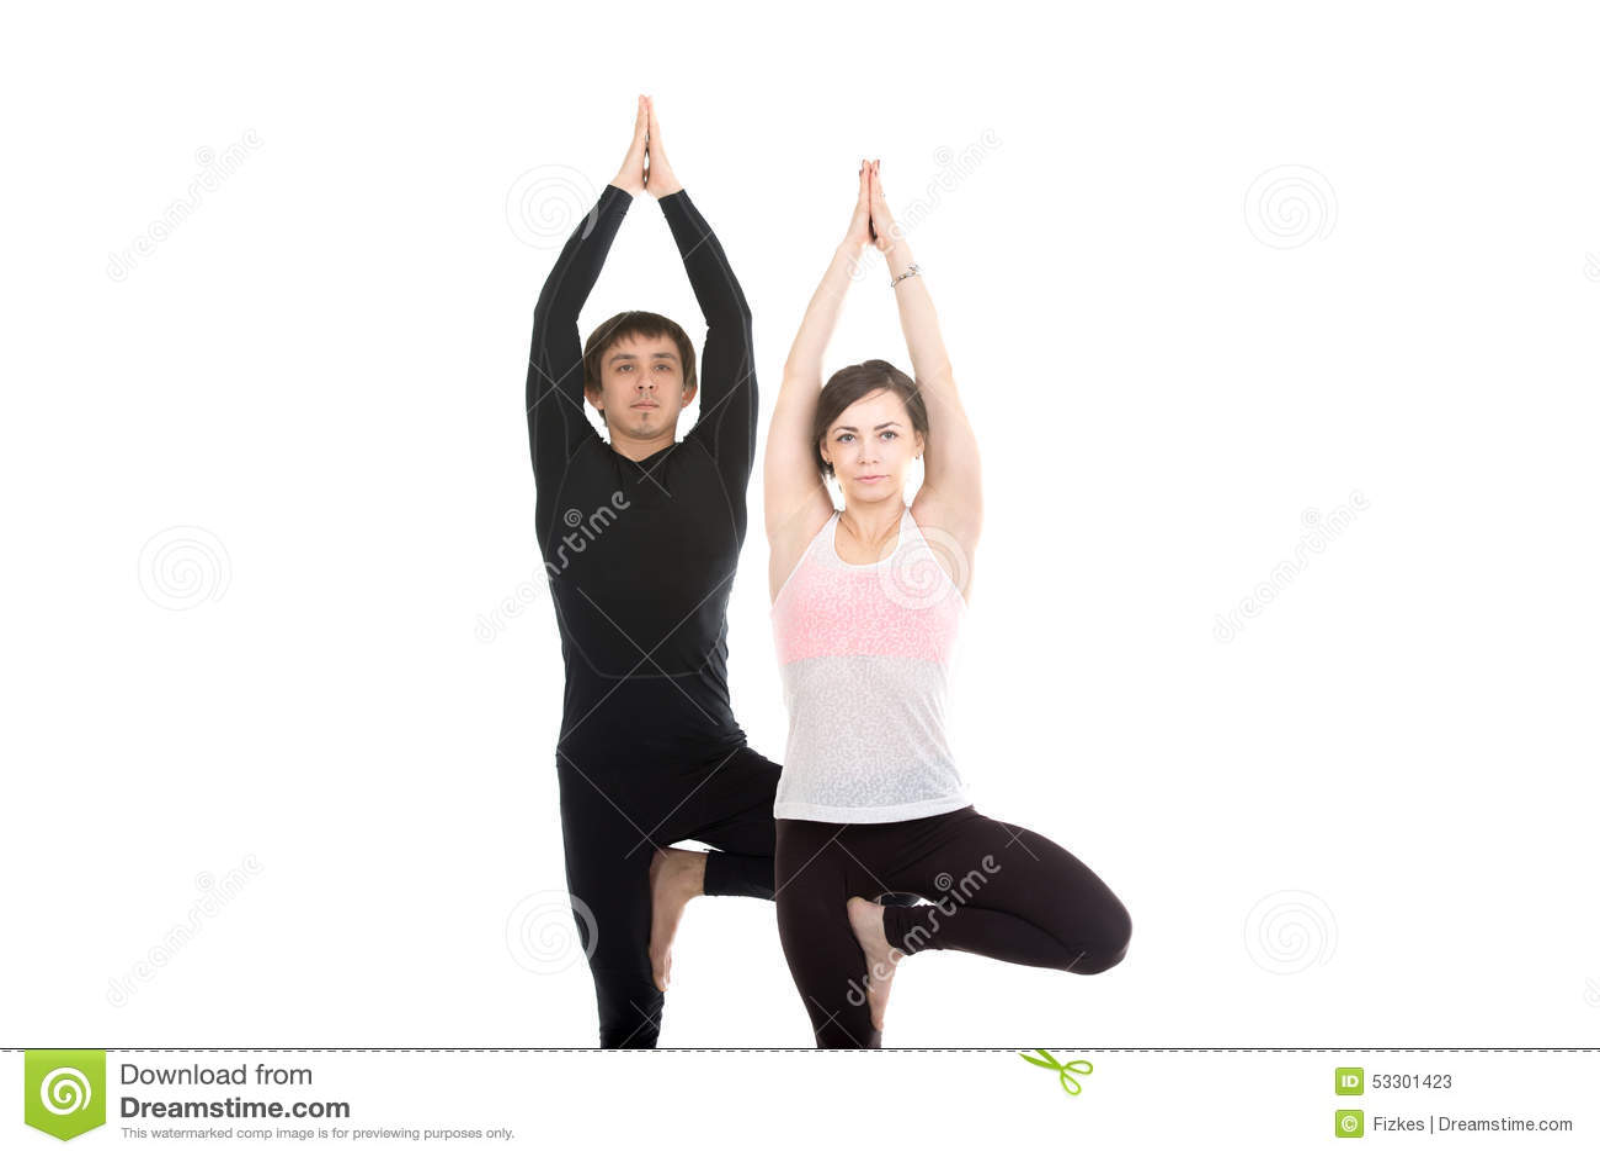 Download Two People Standing In Vrikshasana Yoga Pose Stock Image